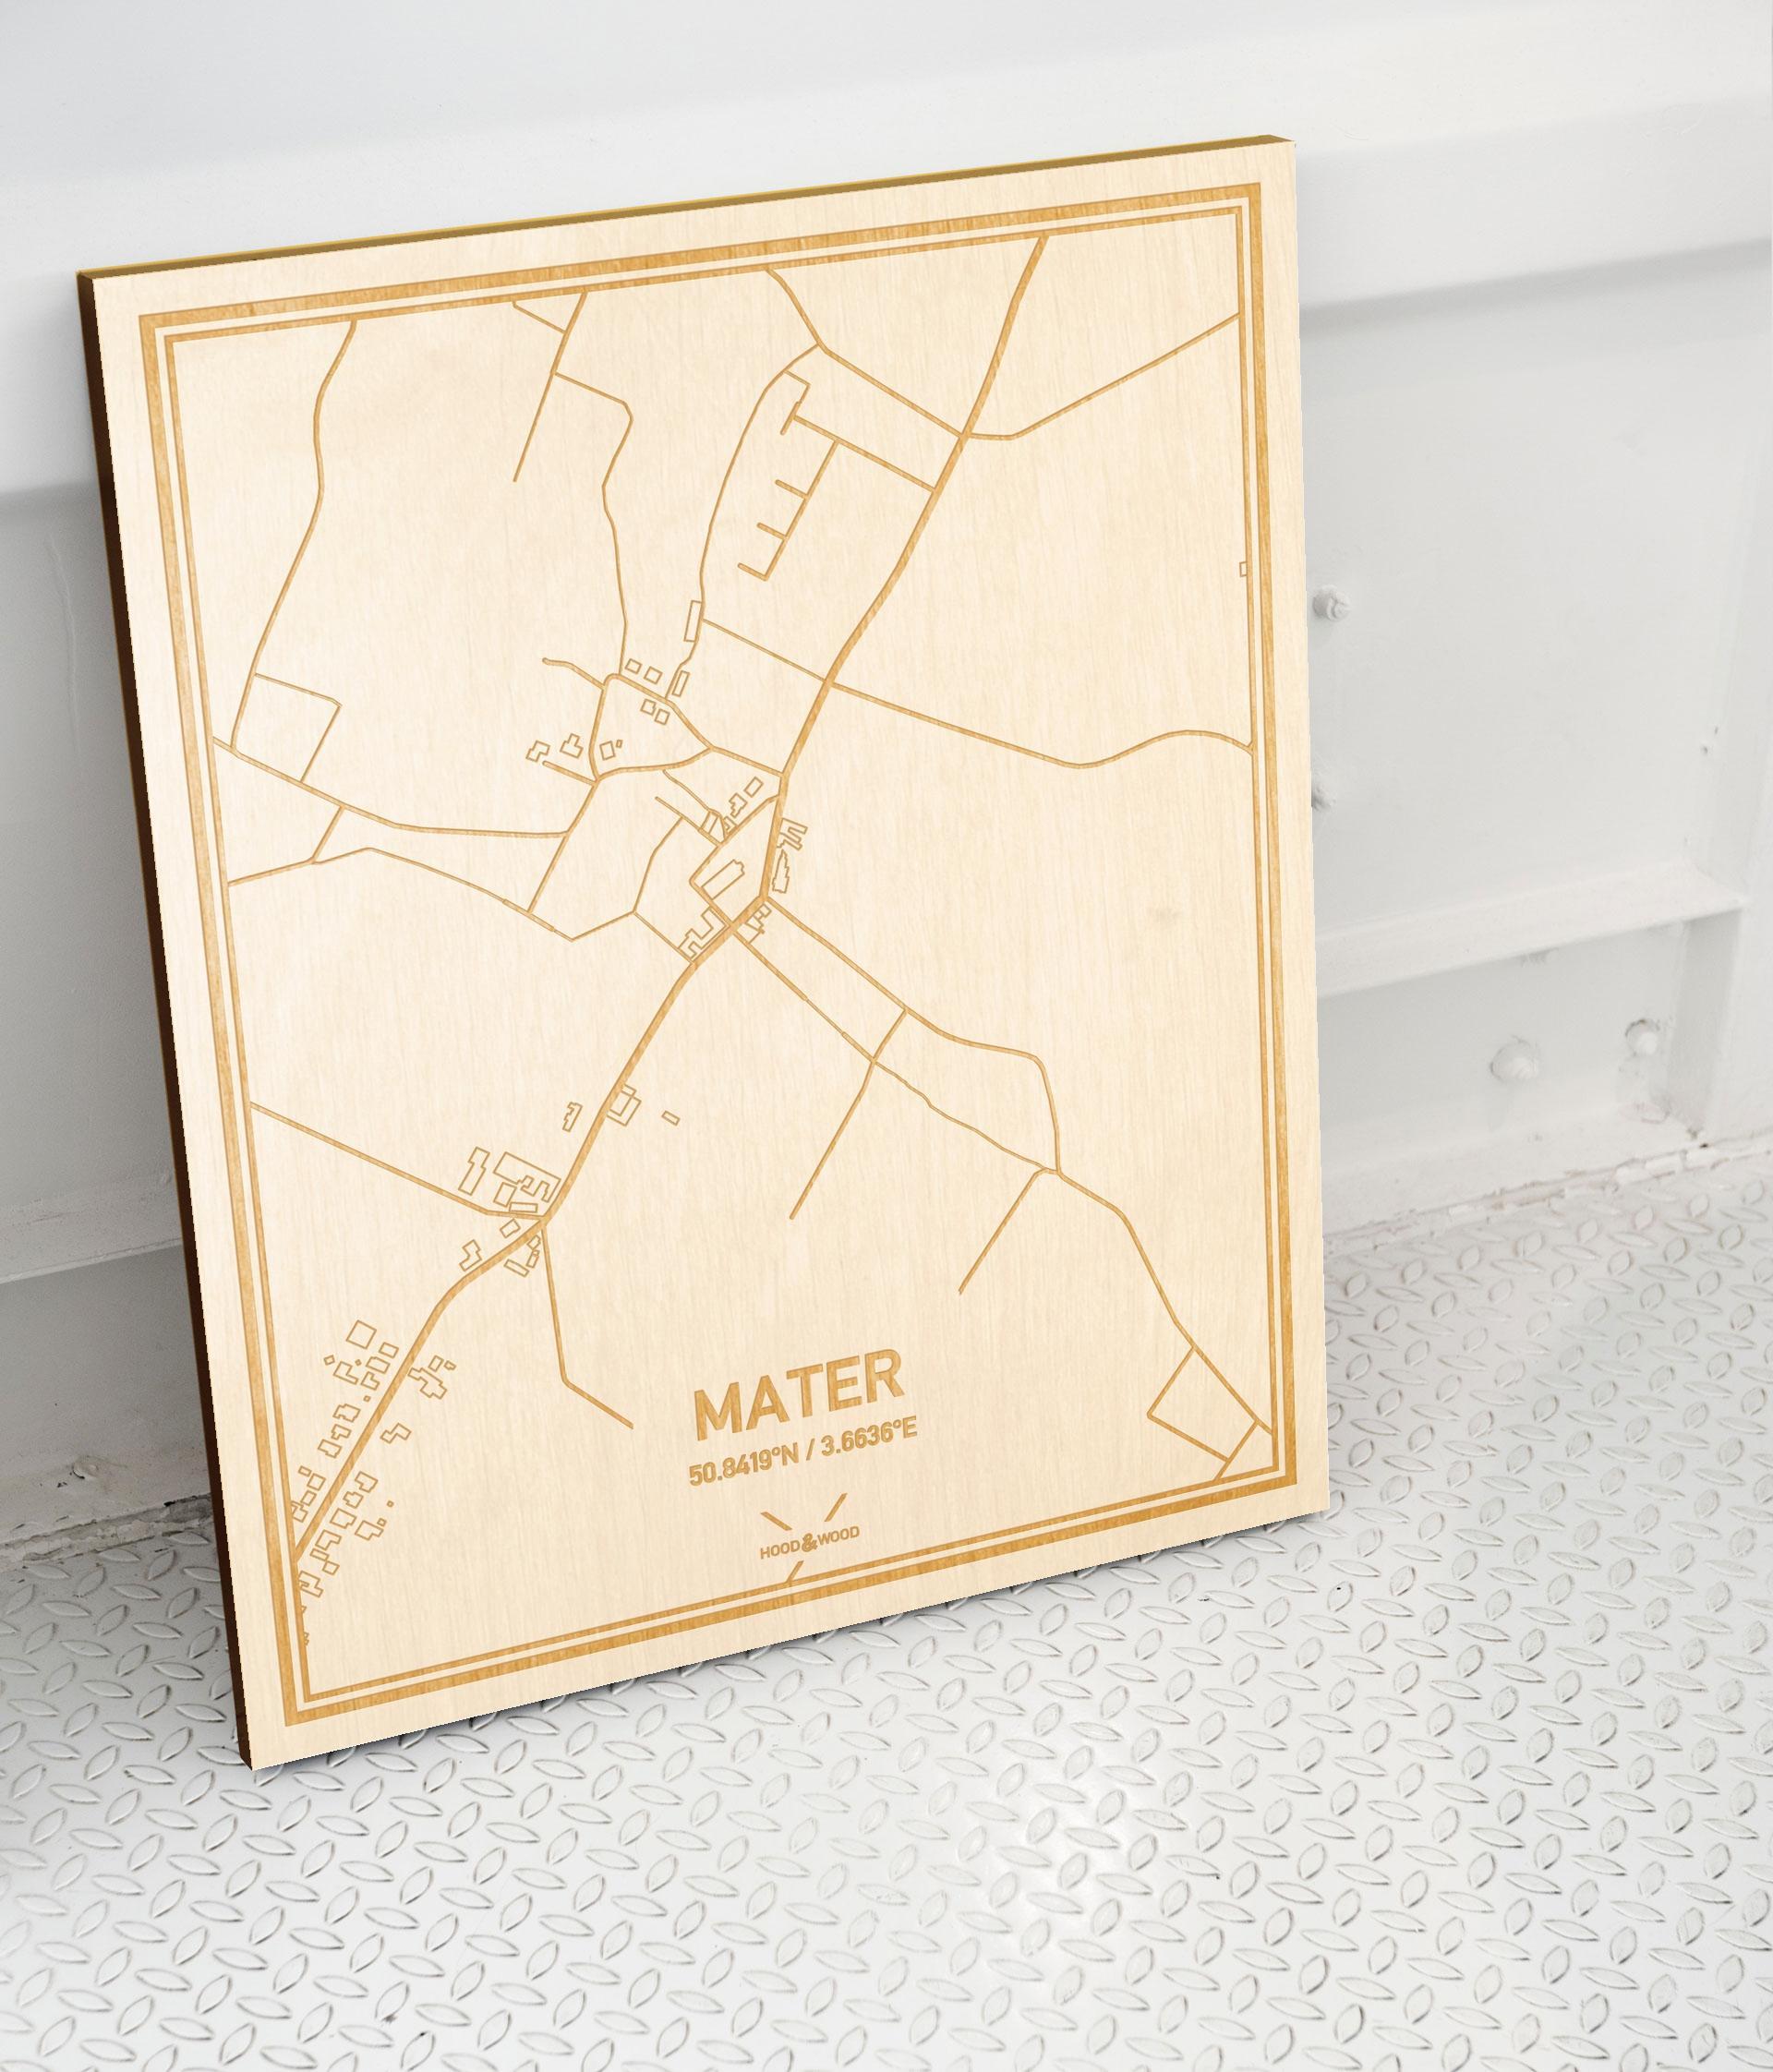 Plattegrond Mater als prachtige houten wanddecoratie. Het warme hout contrasteert mooi met de witte muur.